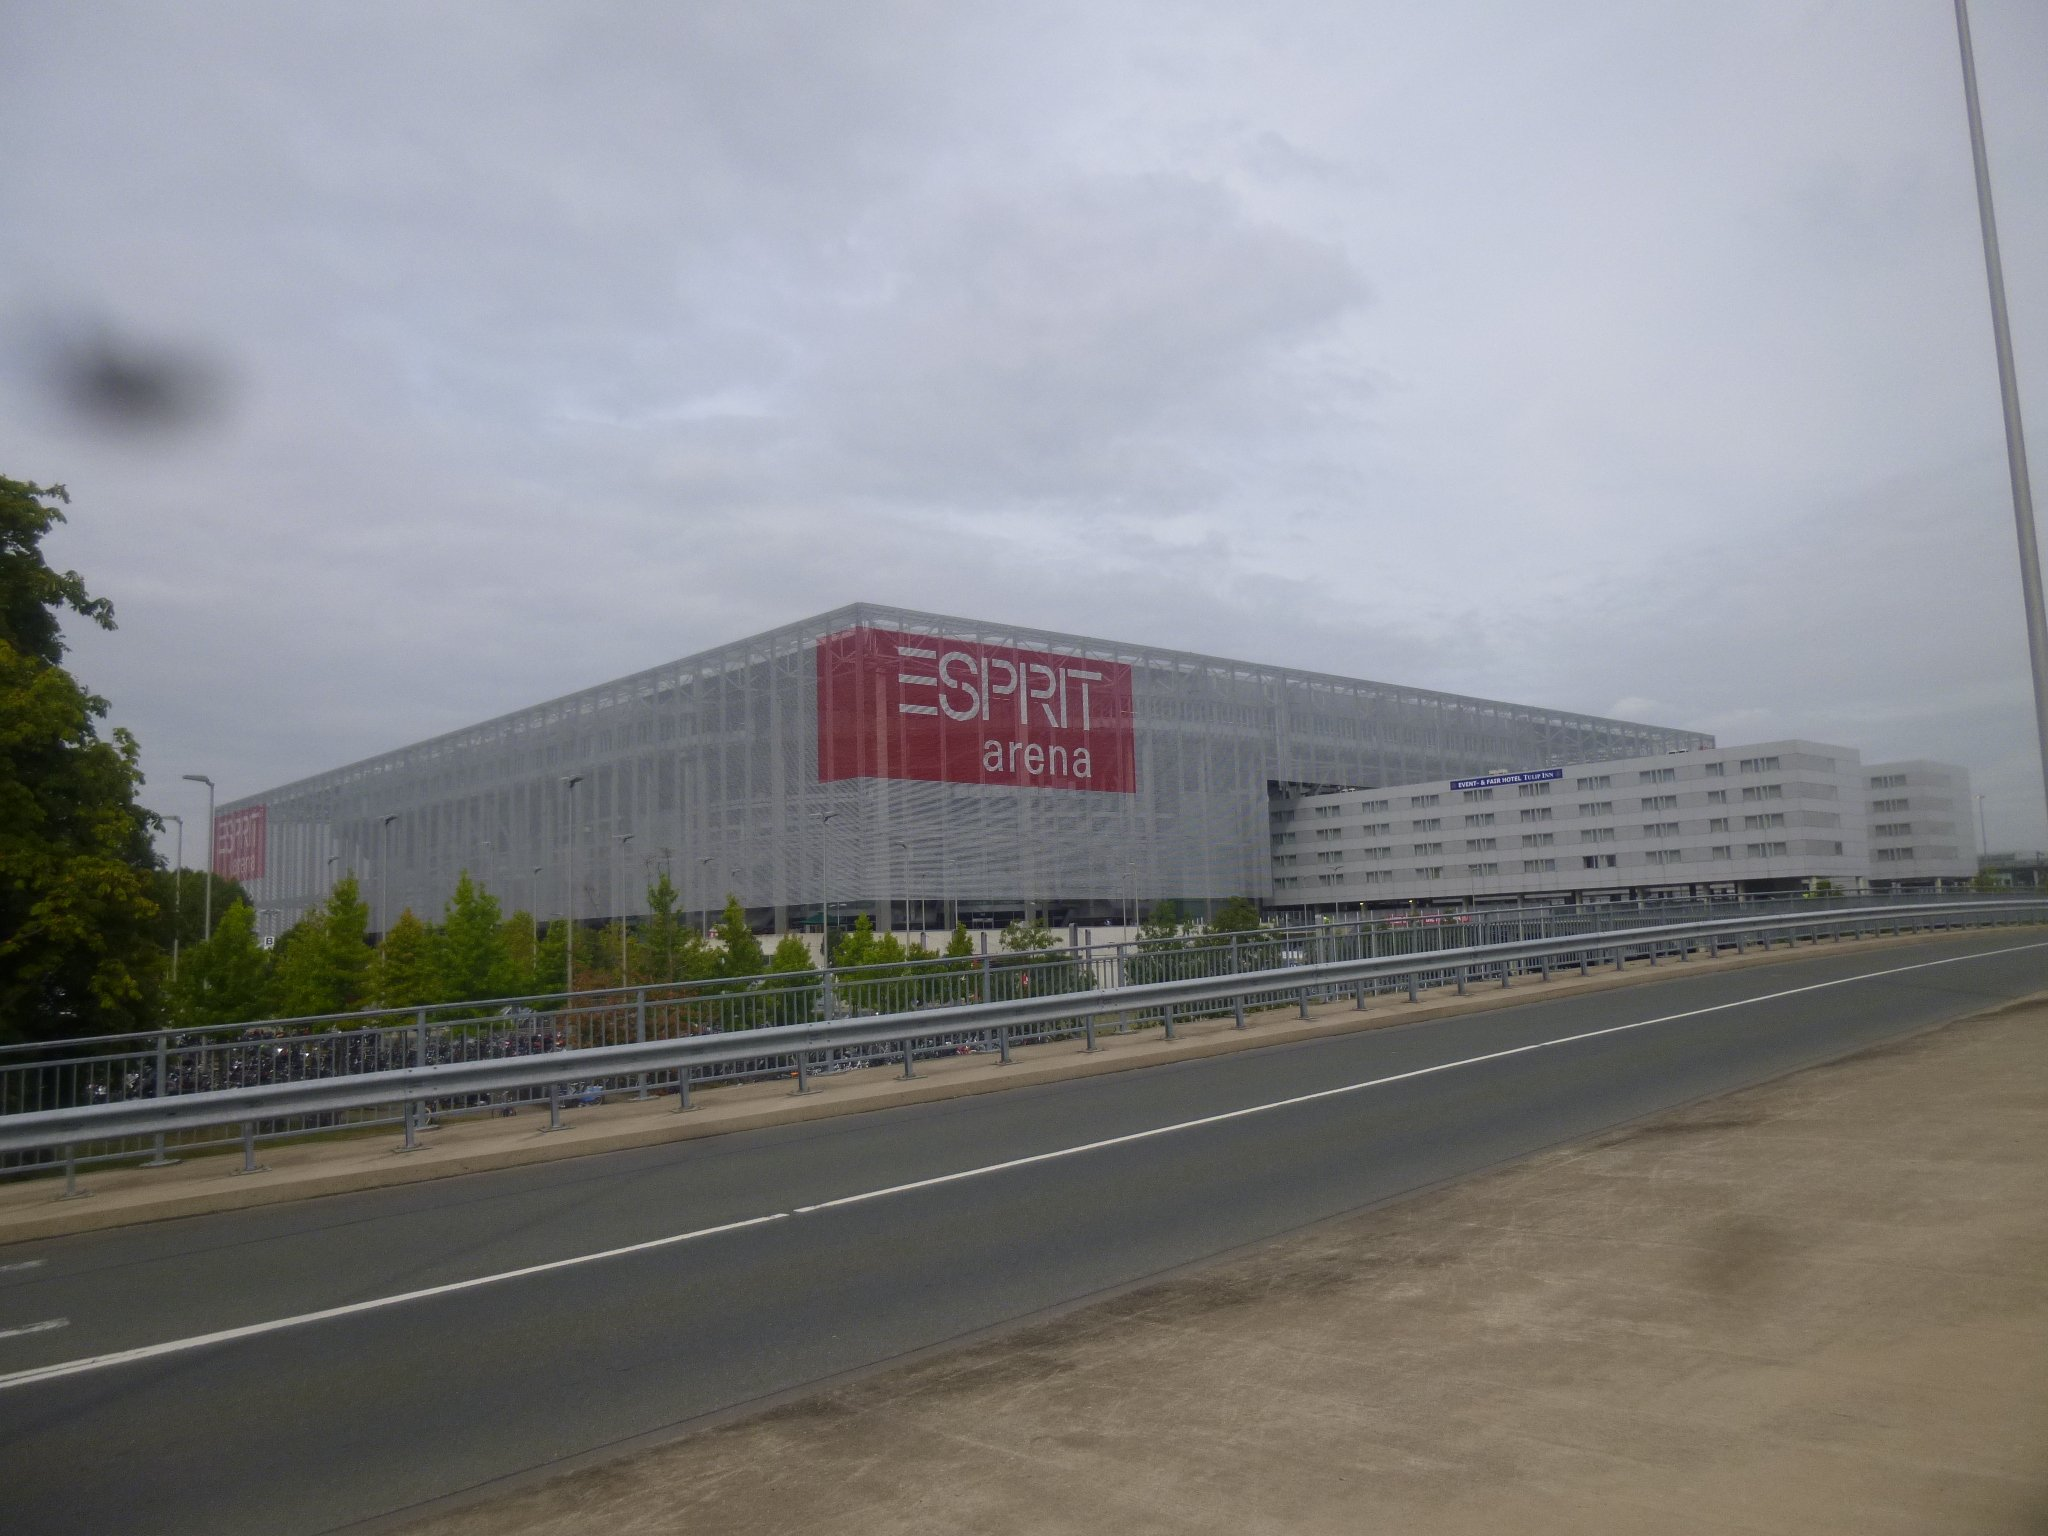 Arena - Rheinseite